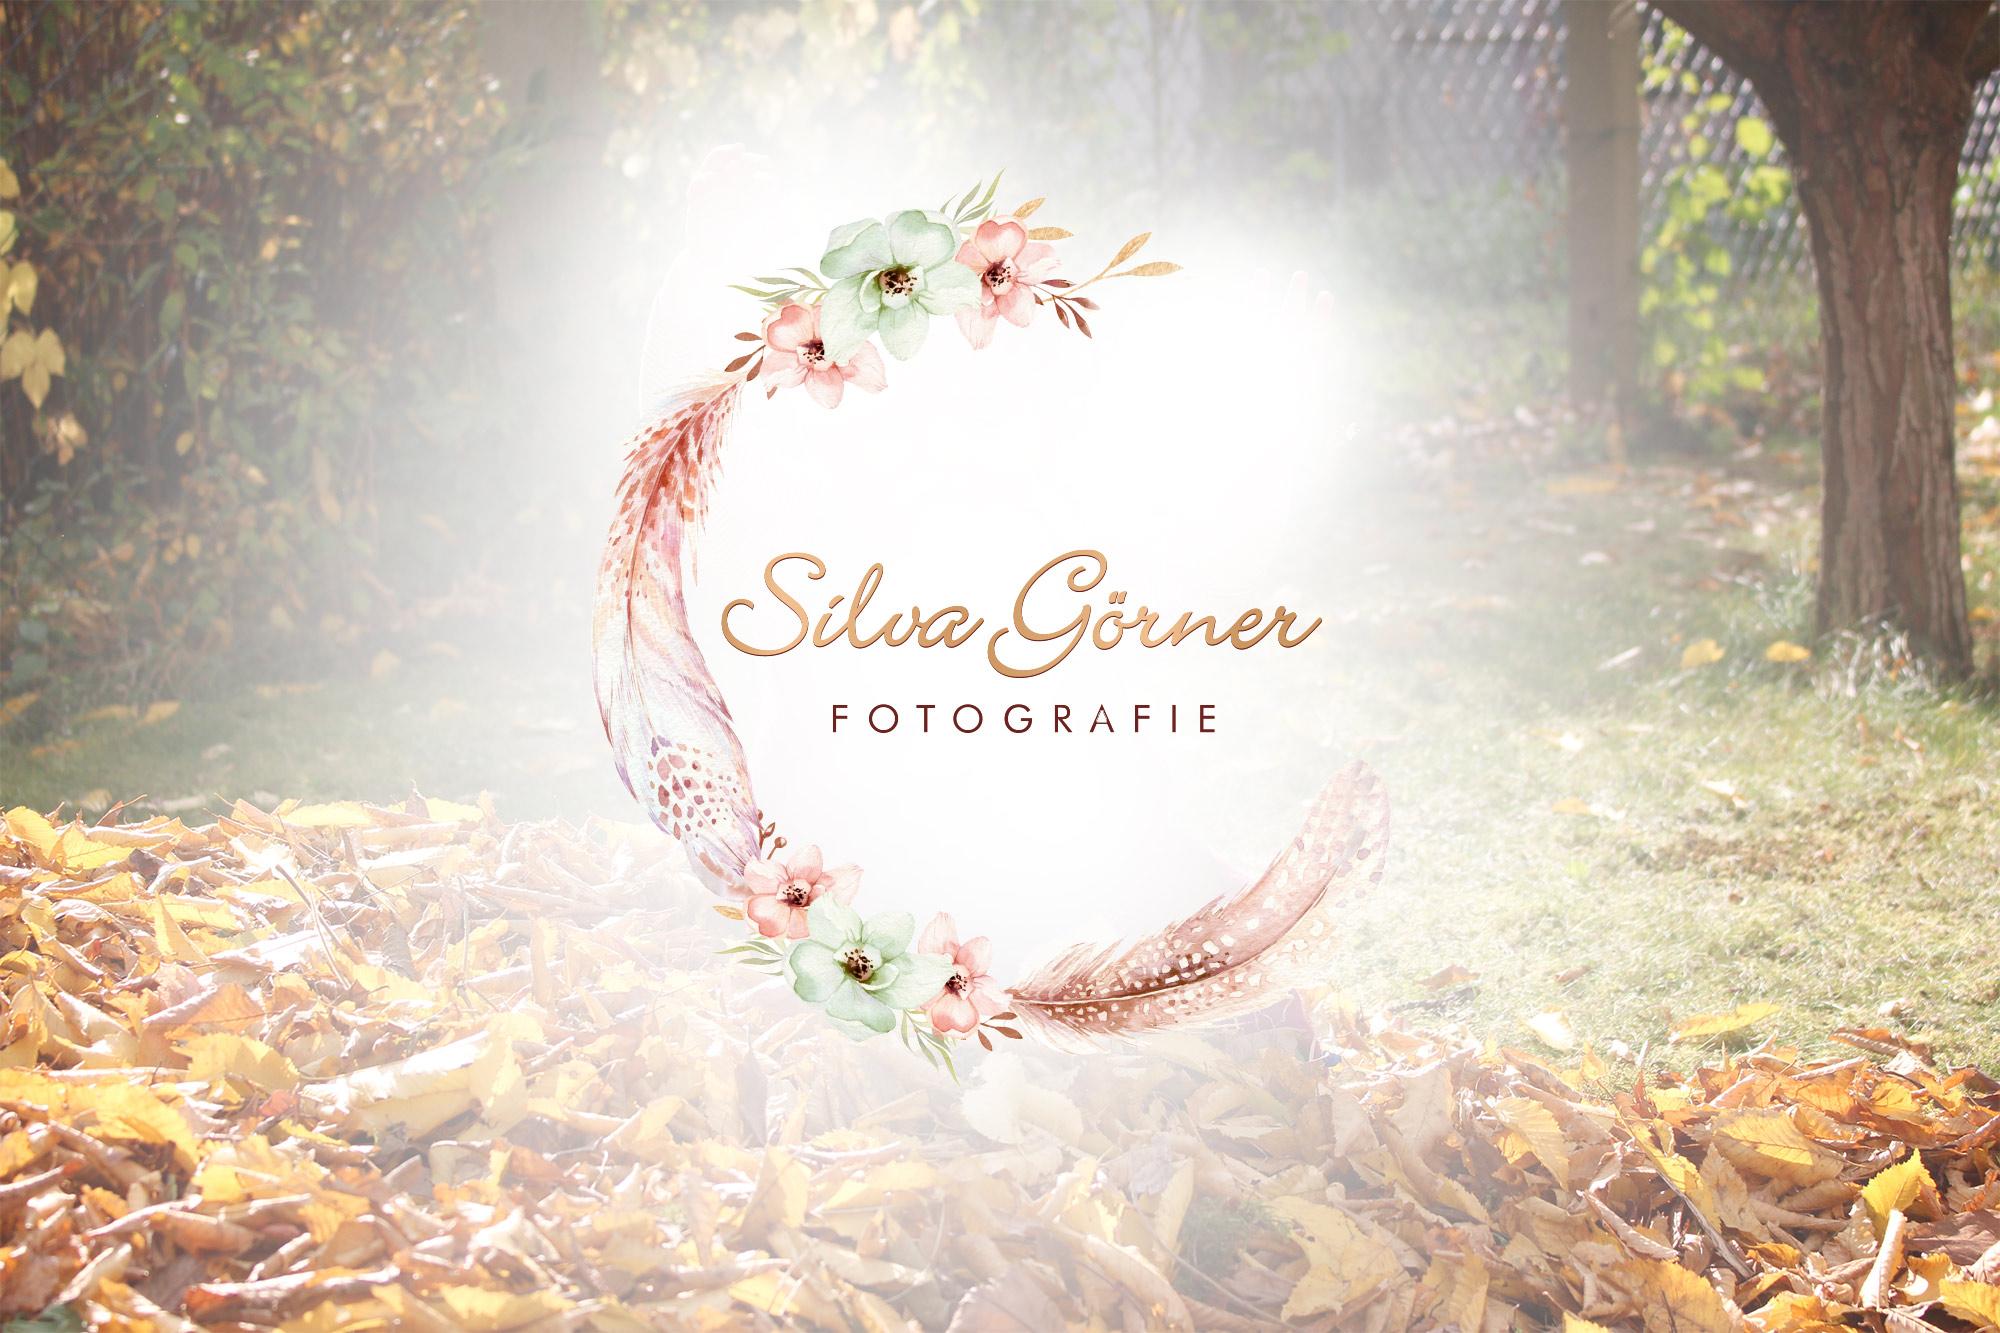 Silva Görner Logo